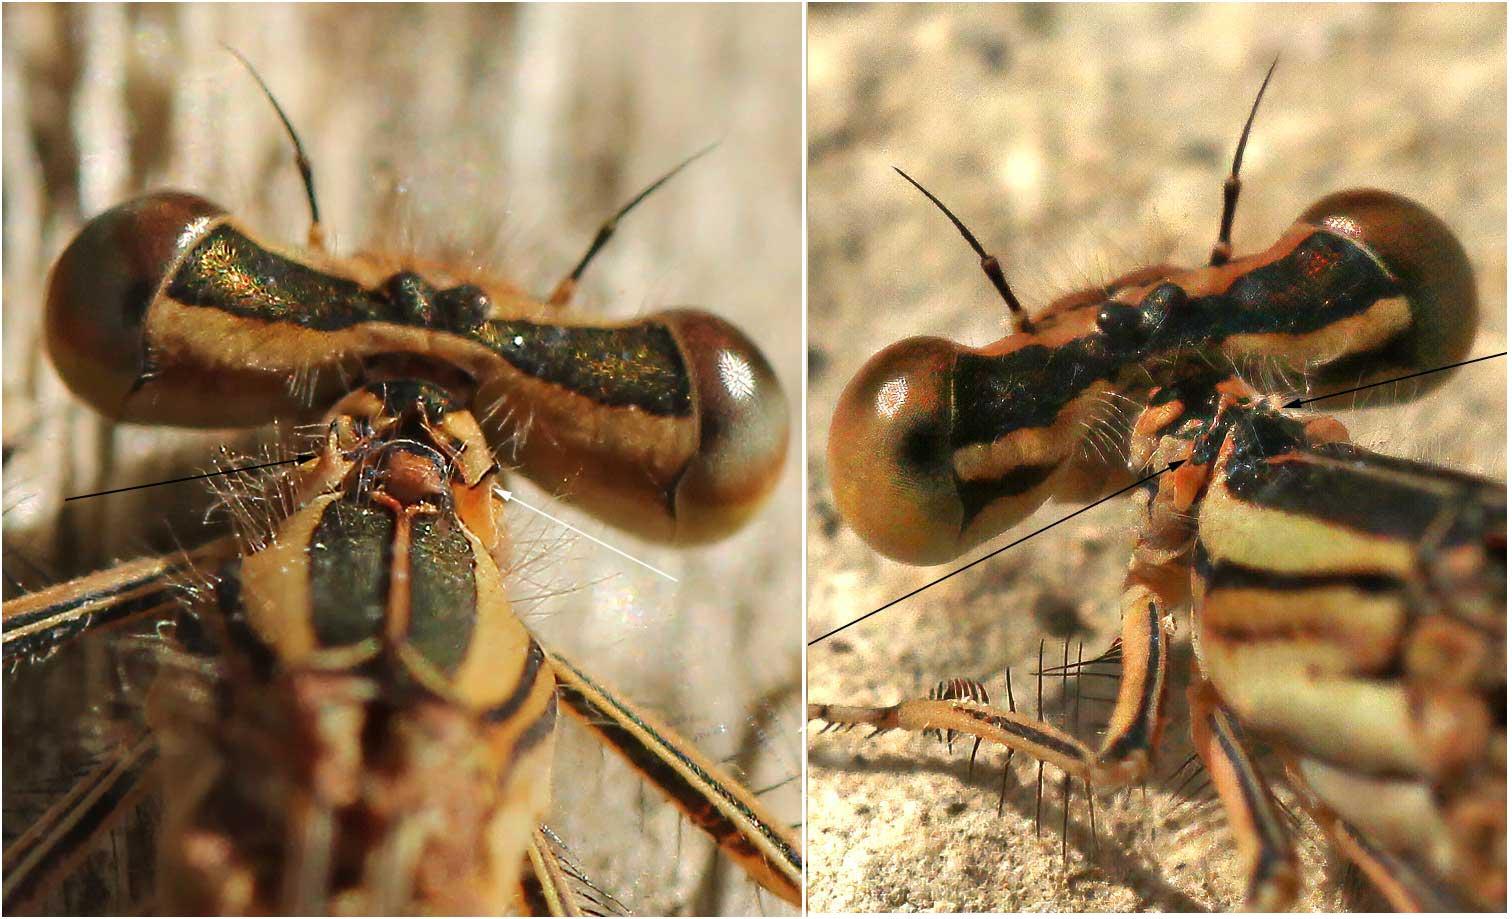 Pronotum des femelles Platycnemis (G) acutipennis et Platycnemis latipes (D)